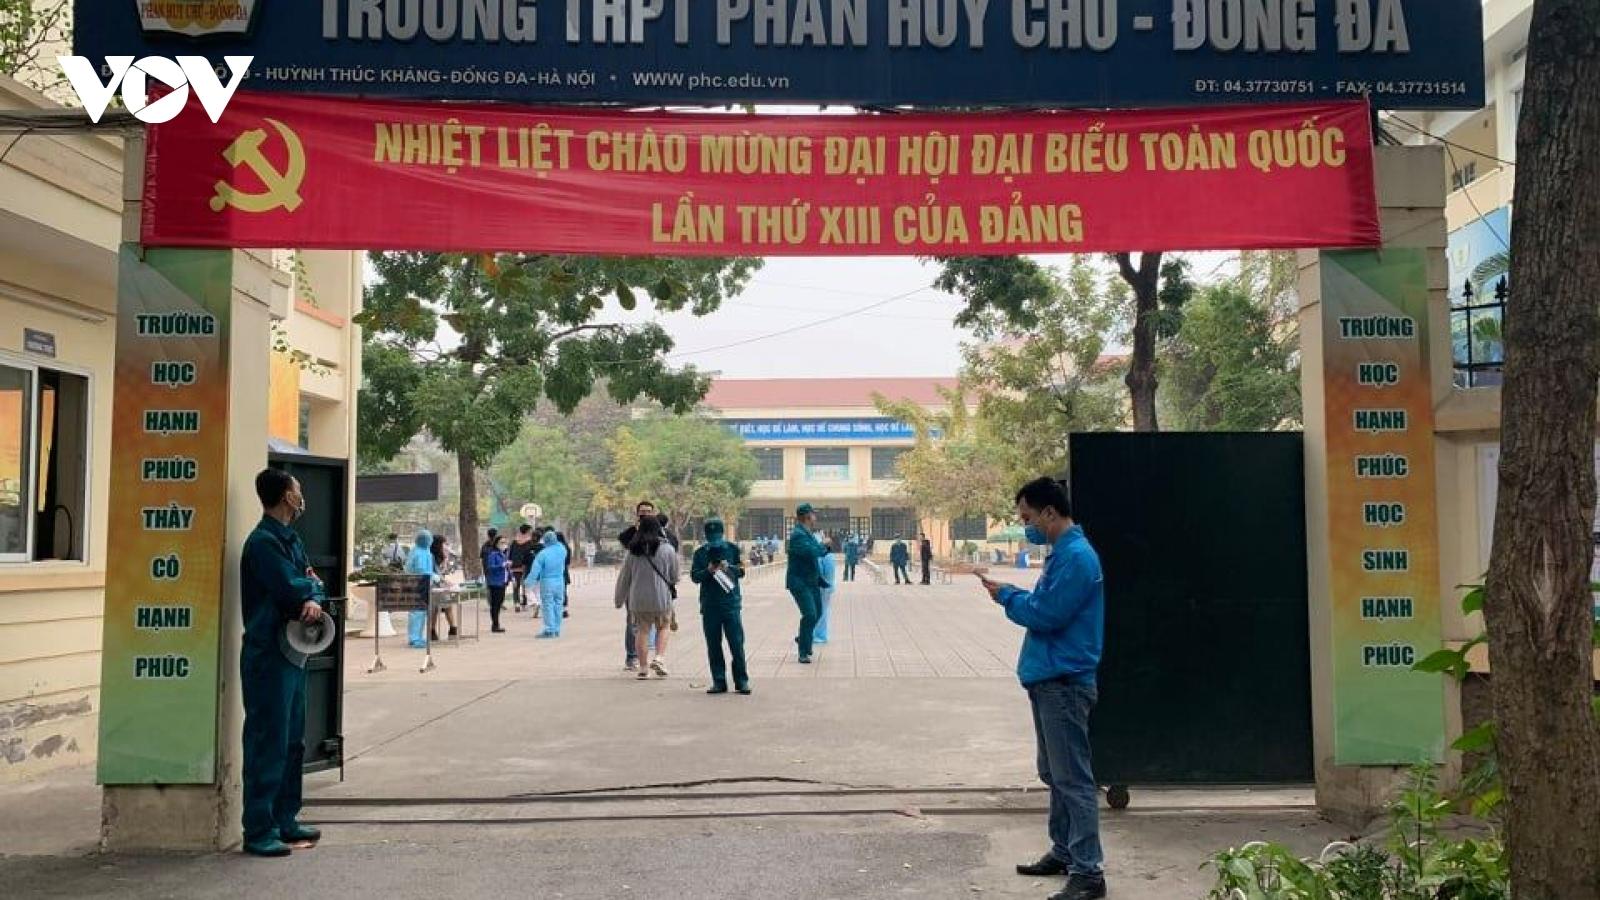 Tham quan đúng vùng dịch, 601 HS Trường THPT Phan Huy Chú Hà Nội phải test nhanh Covid-19